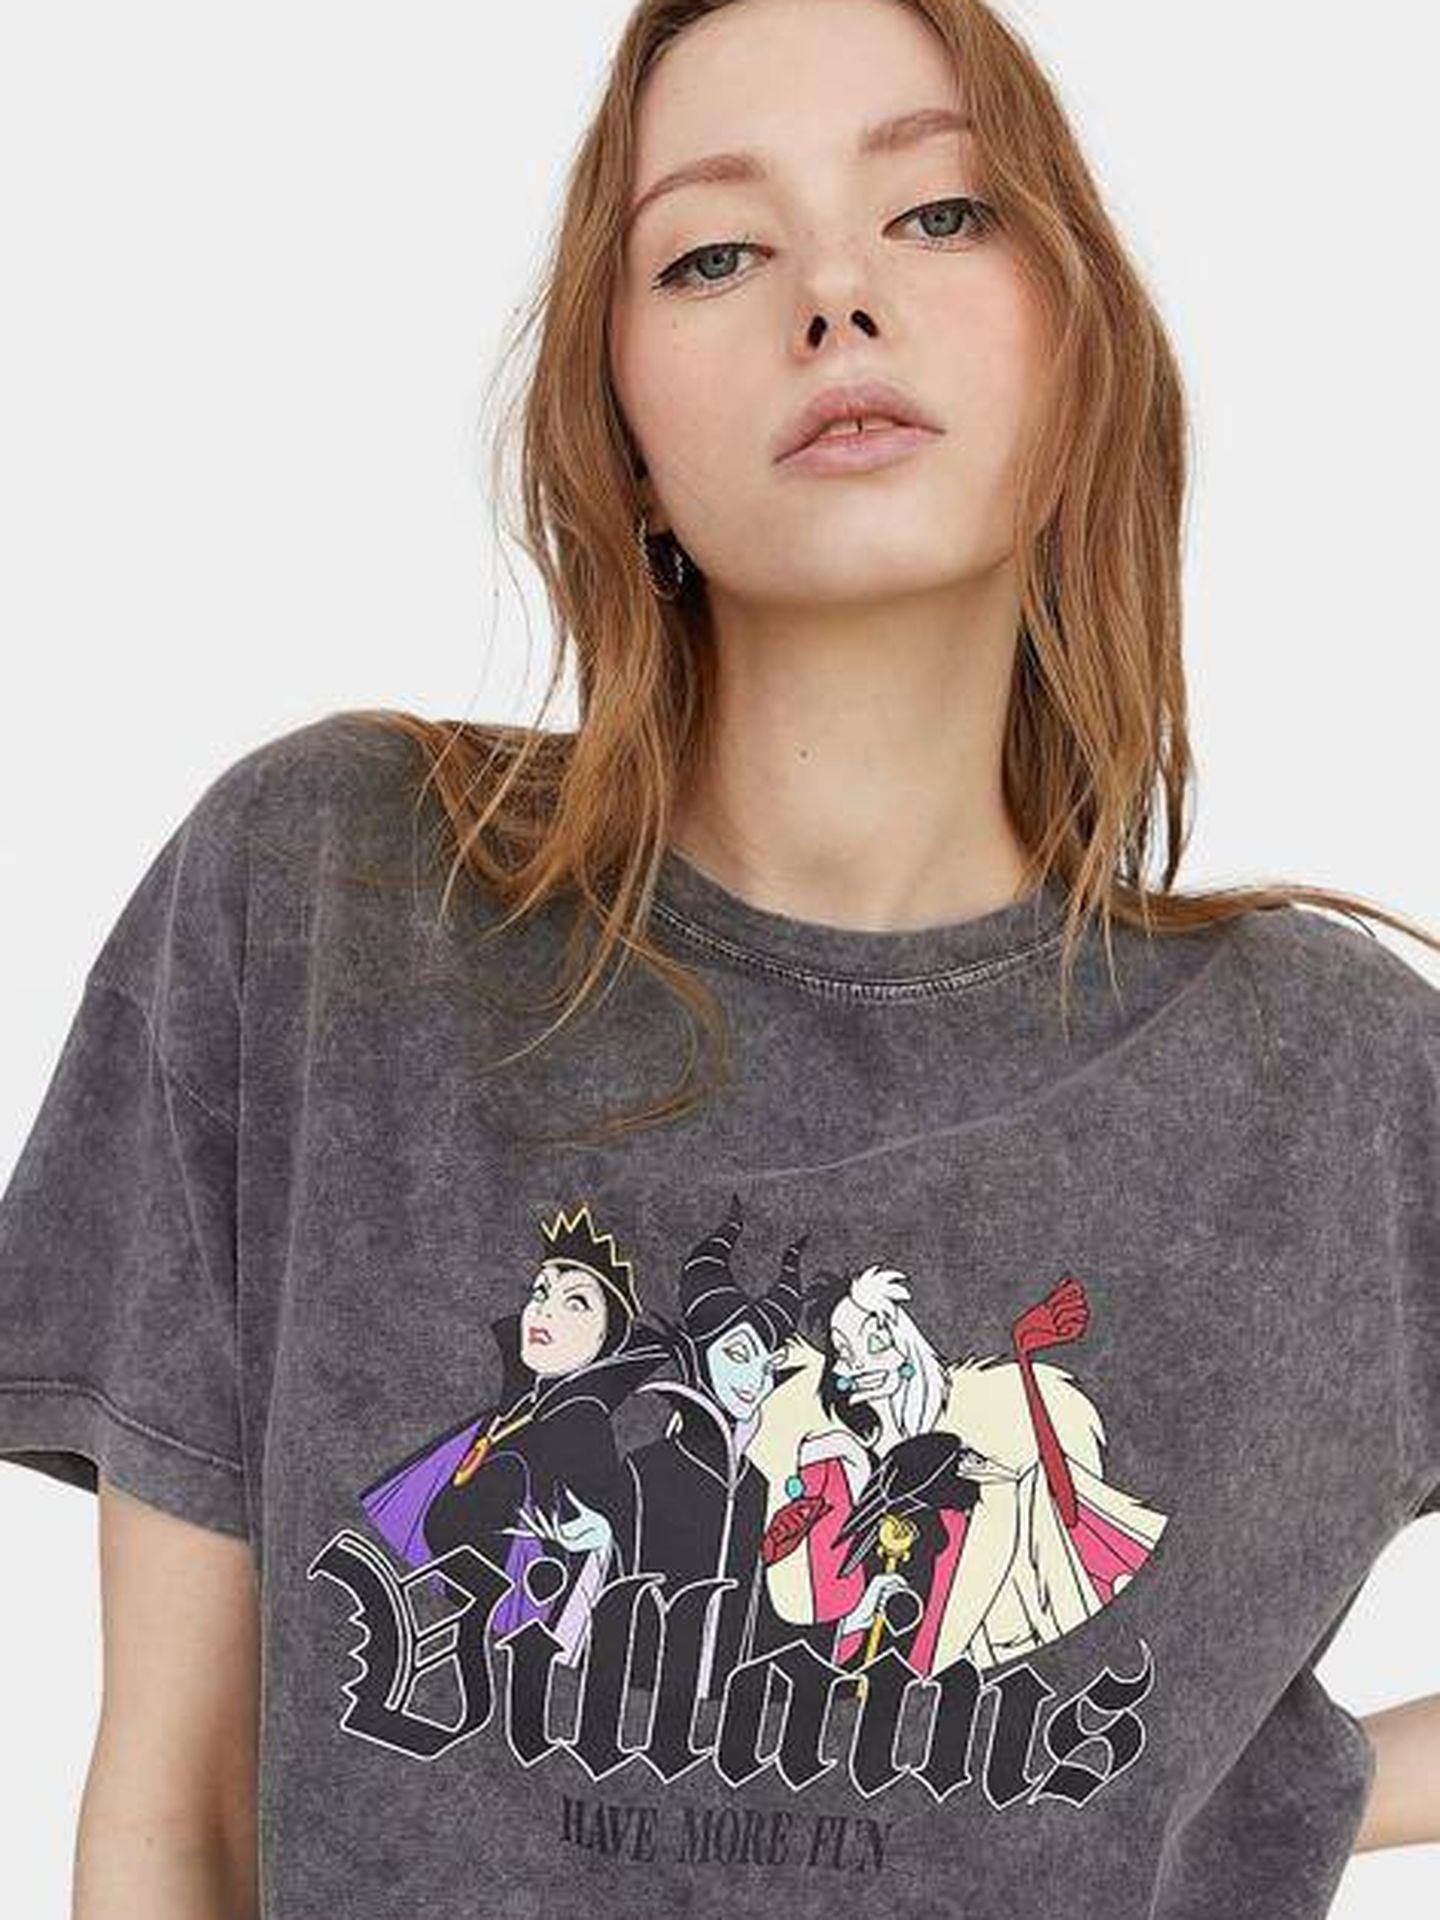 Camisetas de las villanas de Disney.  (Cortesía)